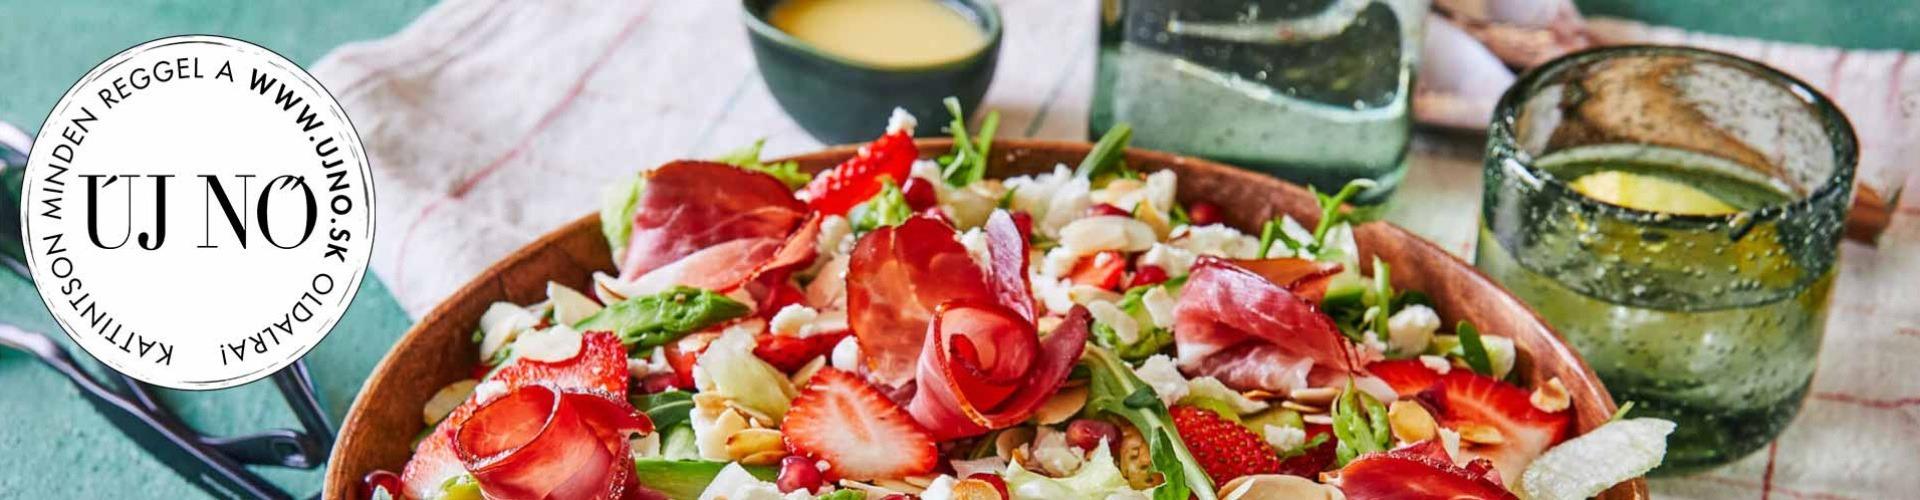 Kiadós tavaszi saláták